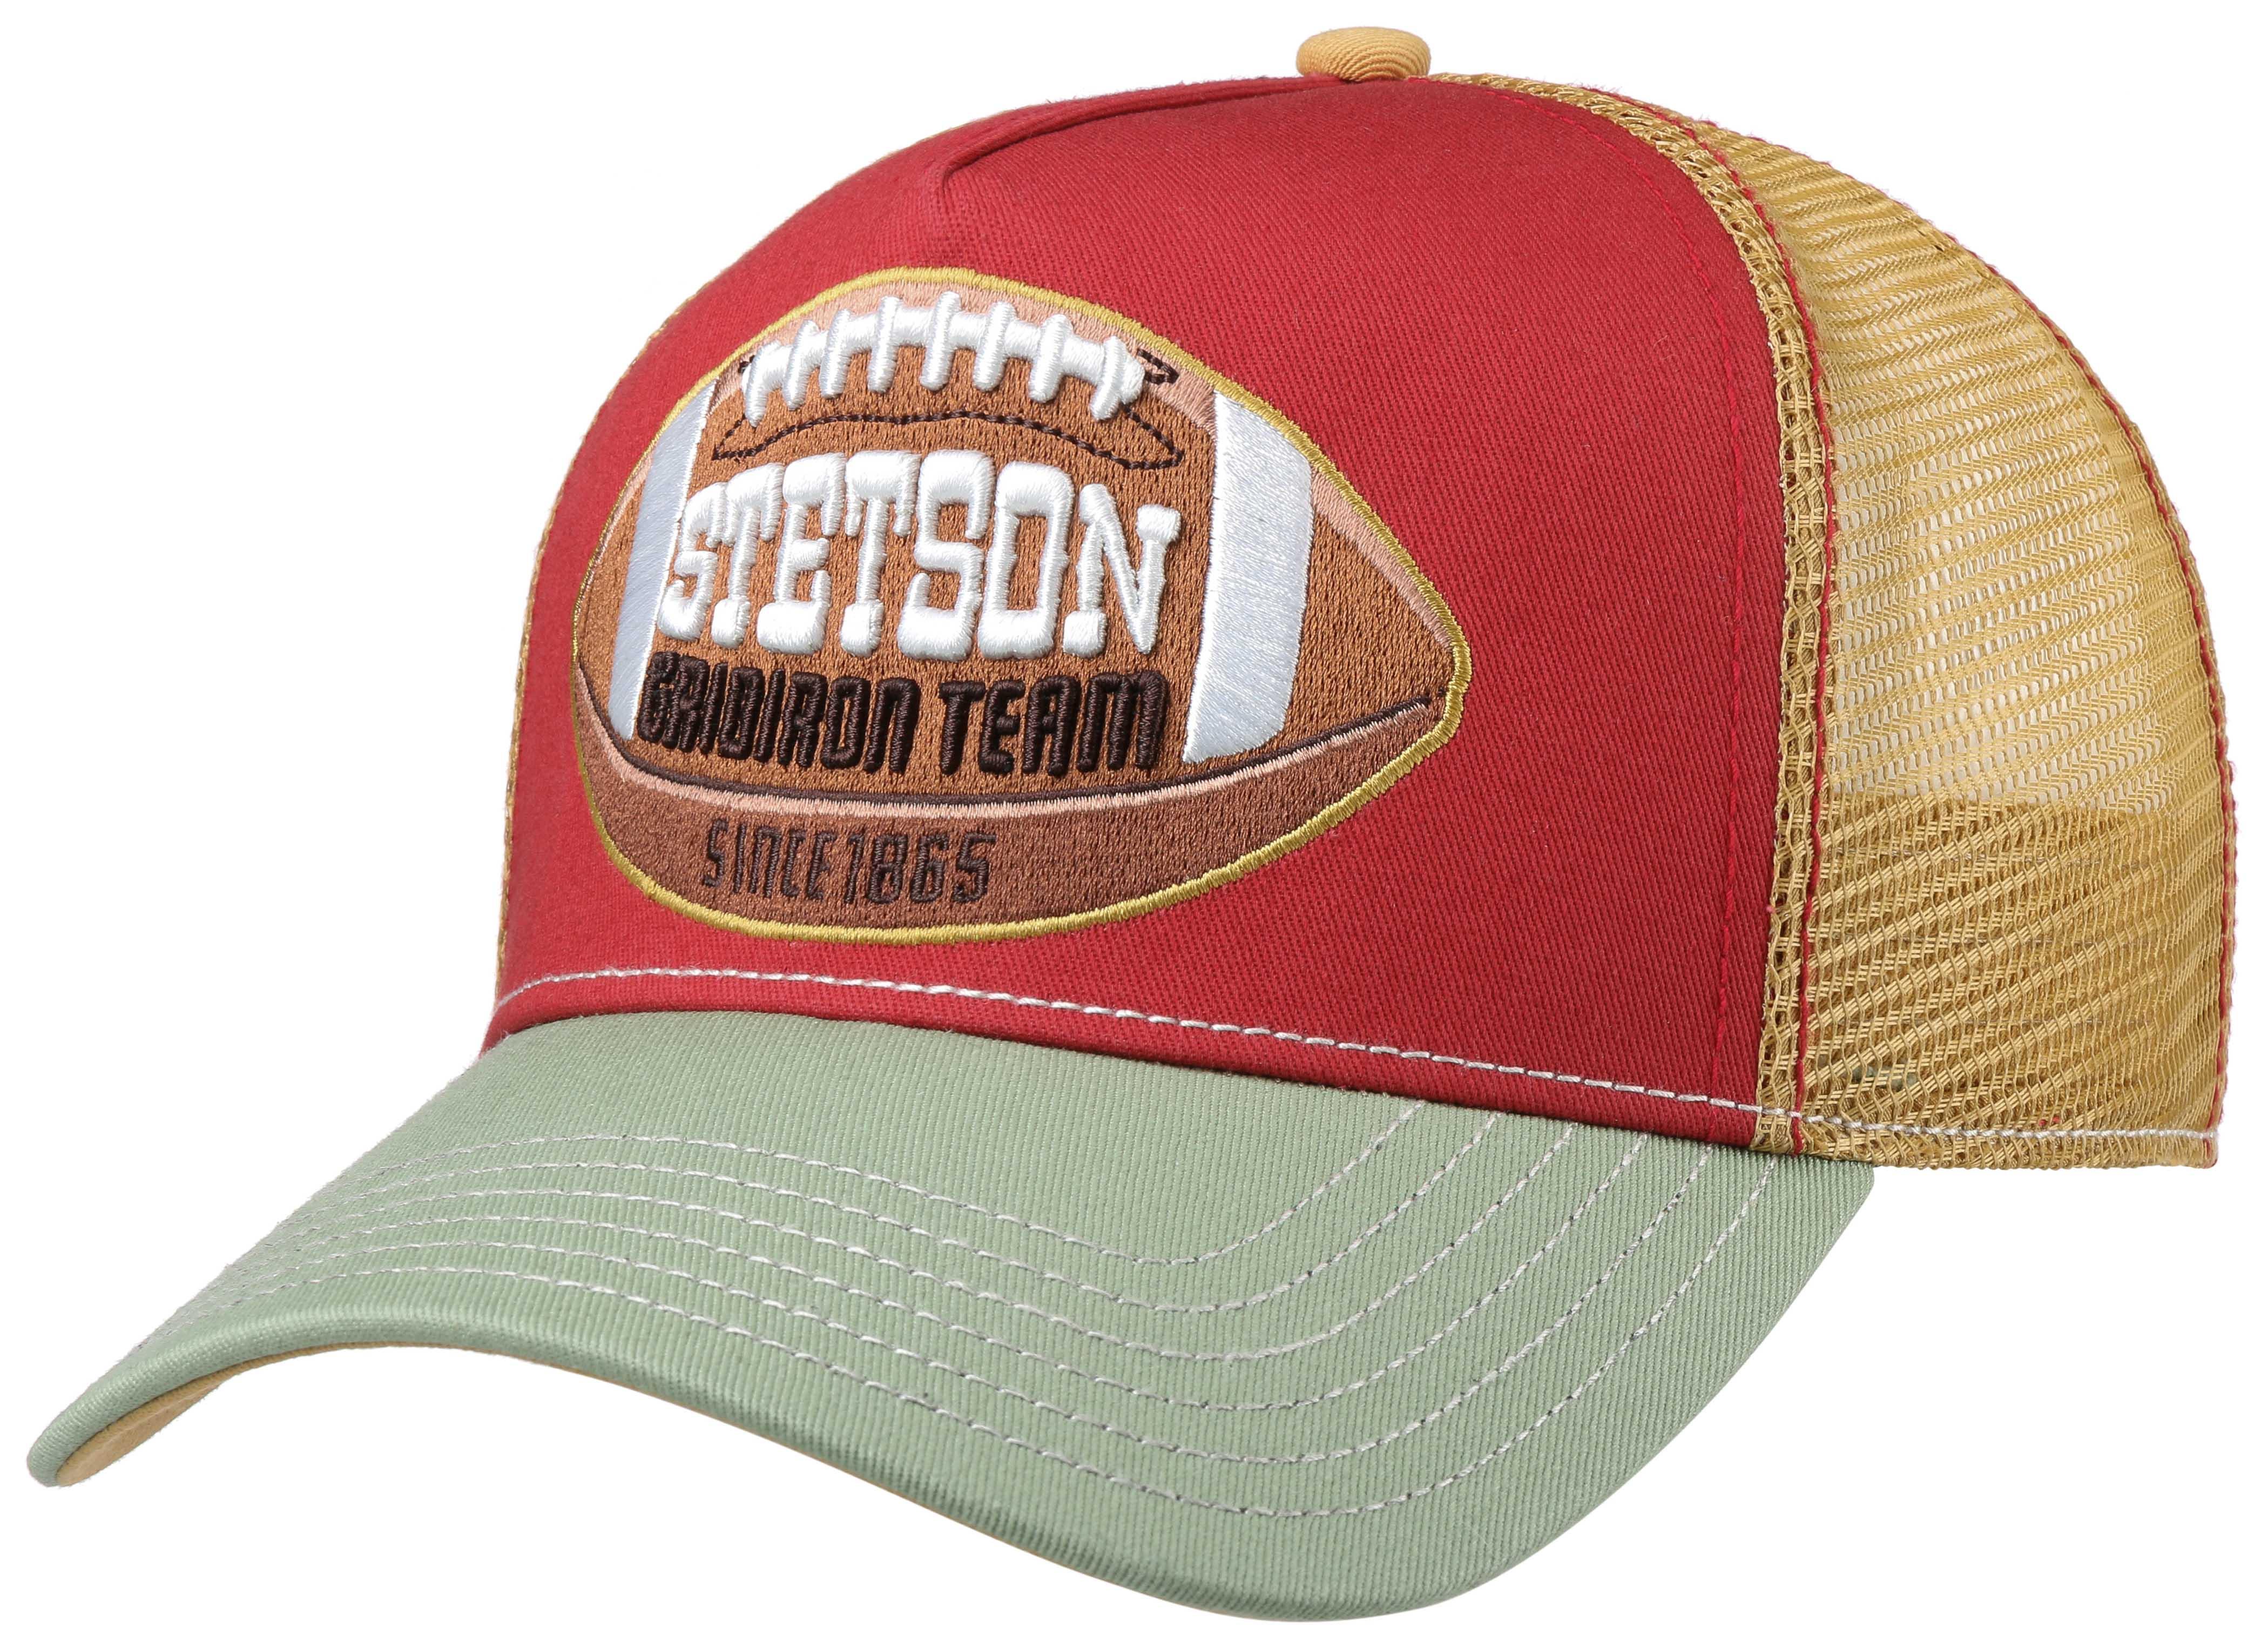 Stetson Trucker College Football